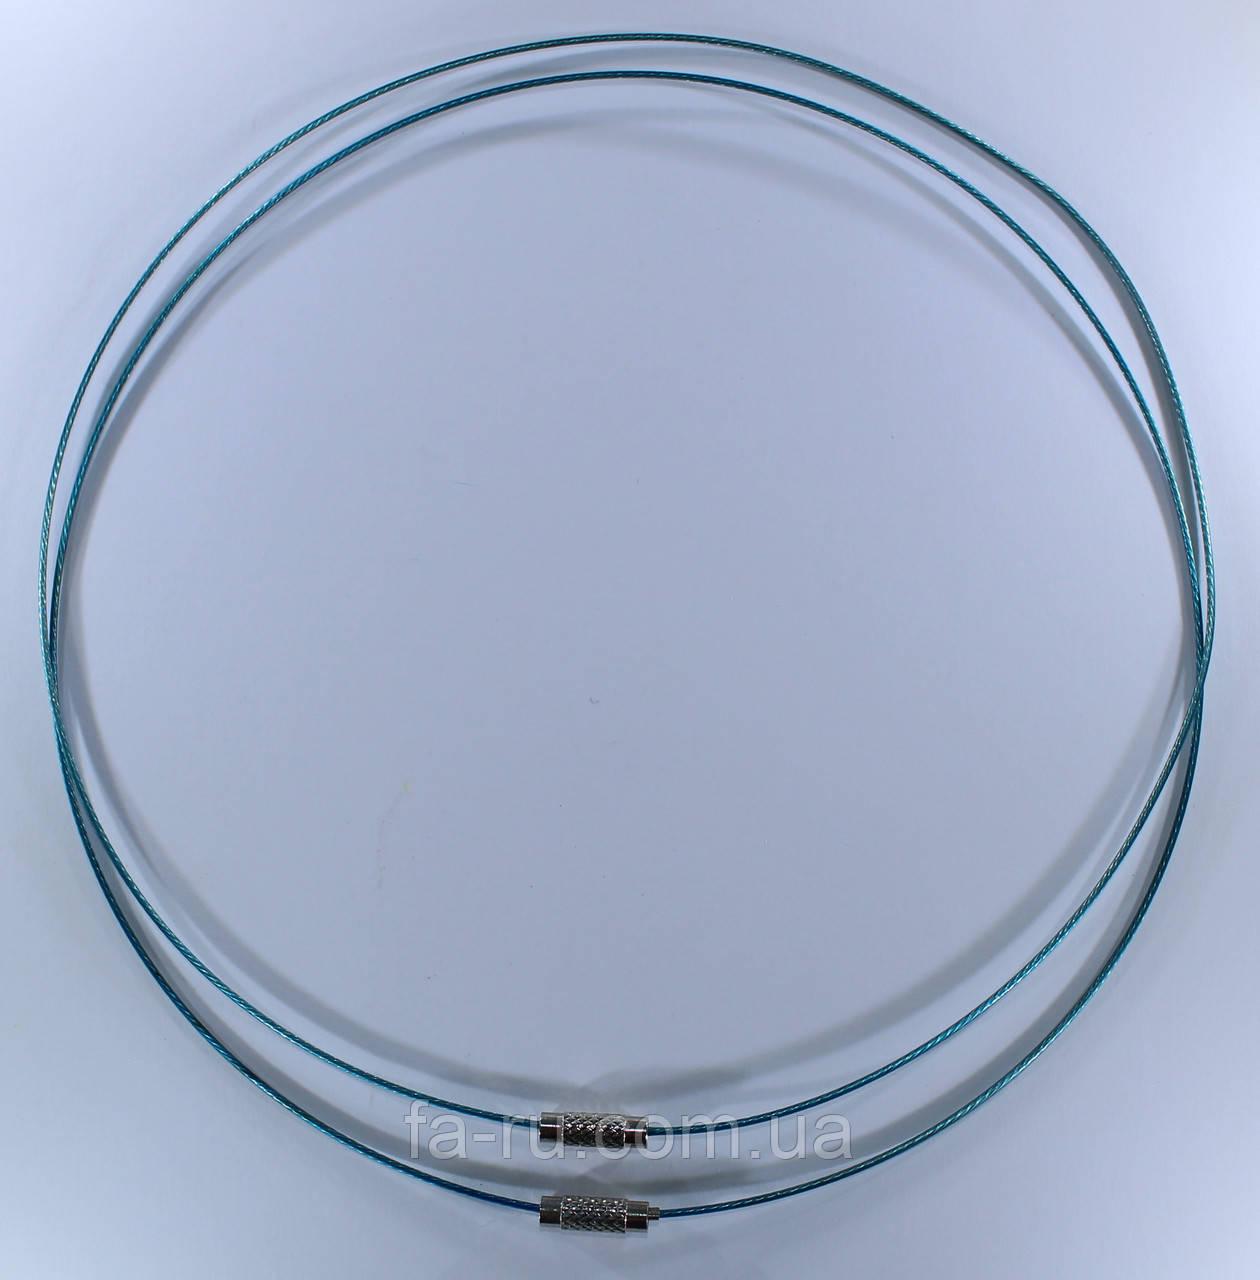 Основа для колье и кулонов(чокер). Цвет - голубой